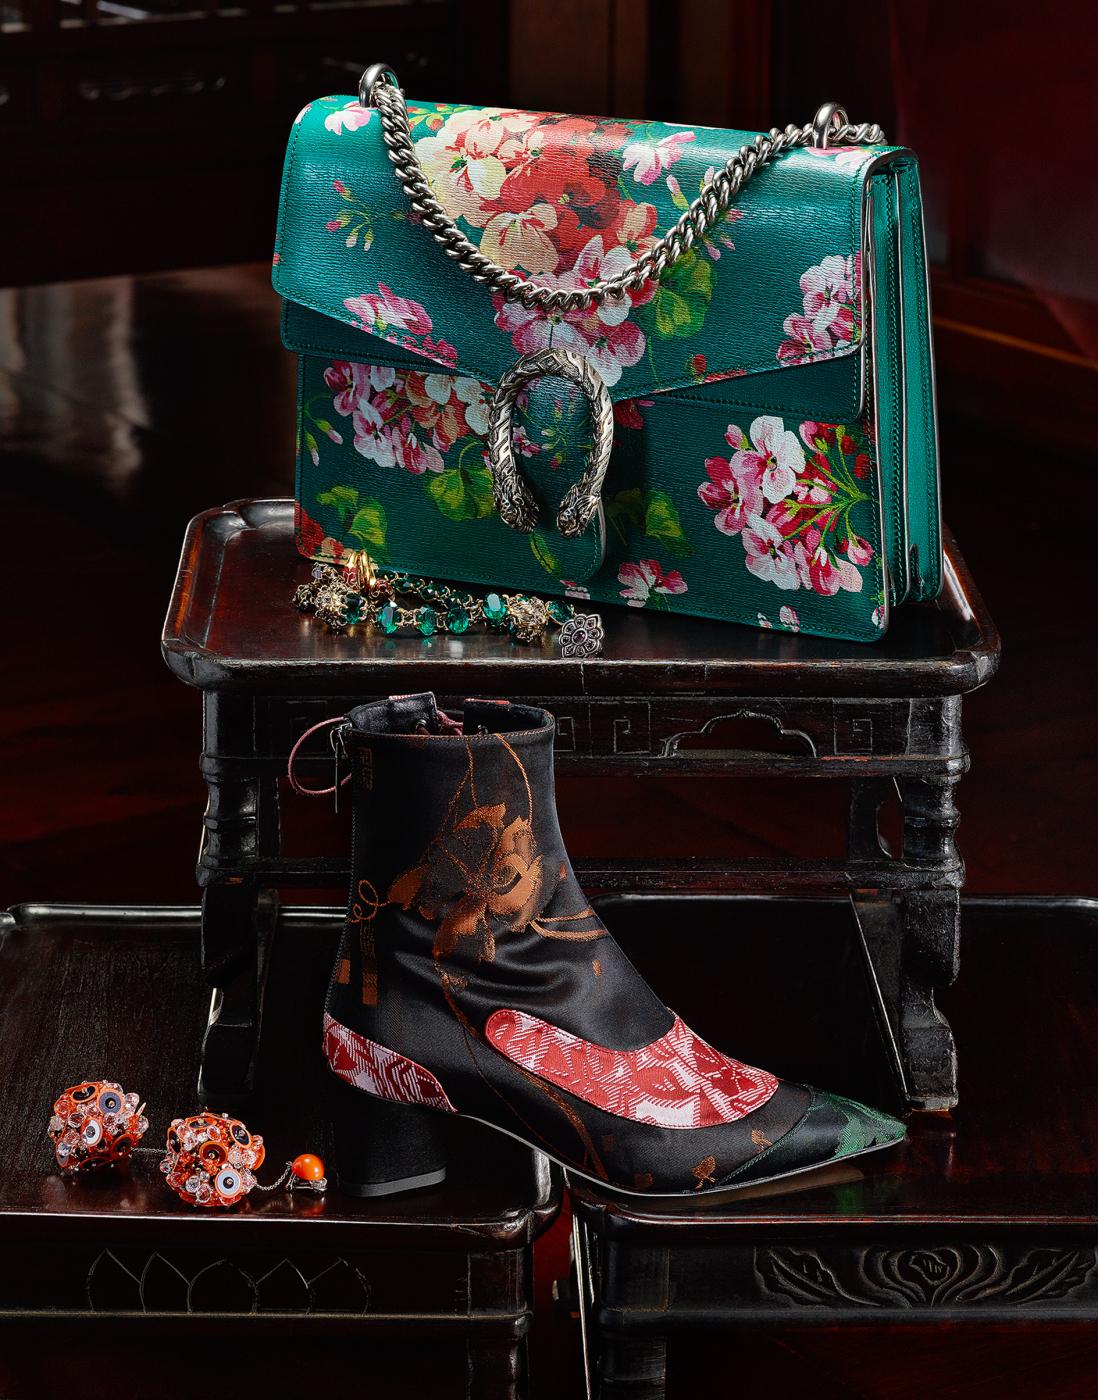 위부터 | 유화를 보는 듯한 서정적인 꽃 프린트가 인상적인 백과 앤티크한 메탈 주얼리는 모두 Gucci, 자카드 소재의 패치워크가 동양적인 무드를 자아내는 레이스업 부츠는 Dior, 스팽글 장식의 붉은색 드롭형 귀고리는 Prada 제품.